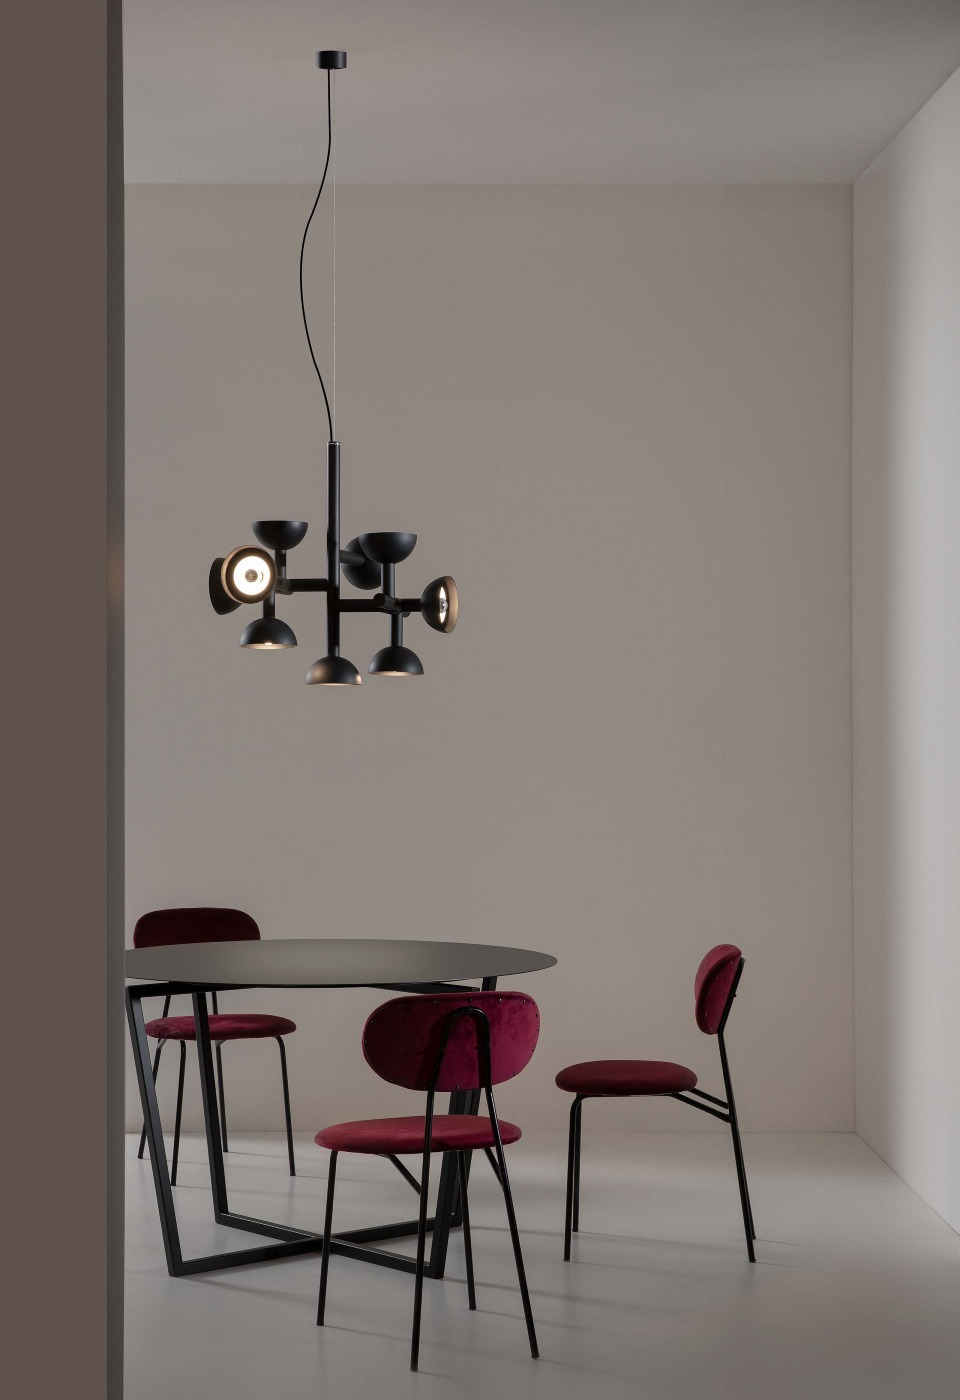 Sibilla per l'illuminazione decorativa dello studio